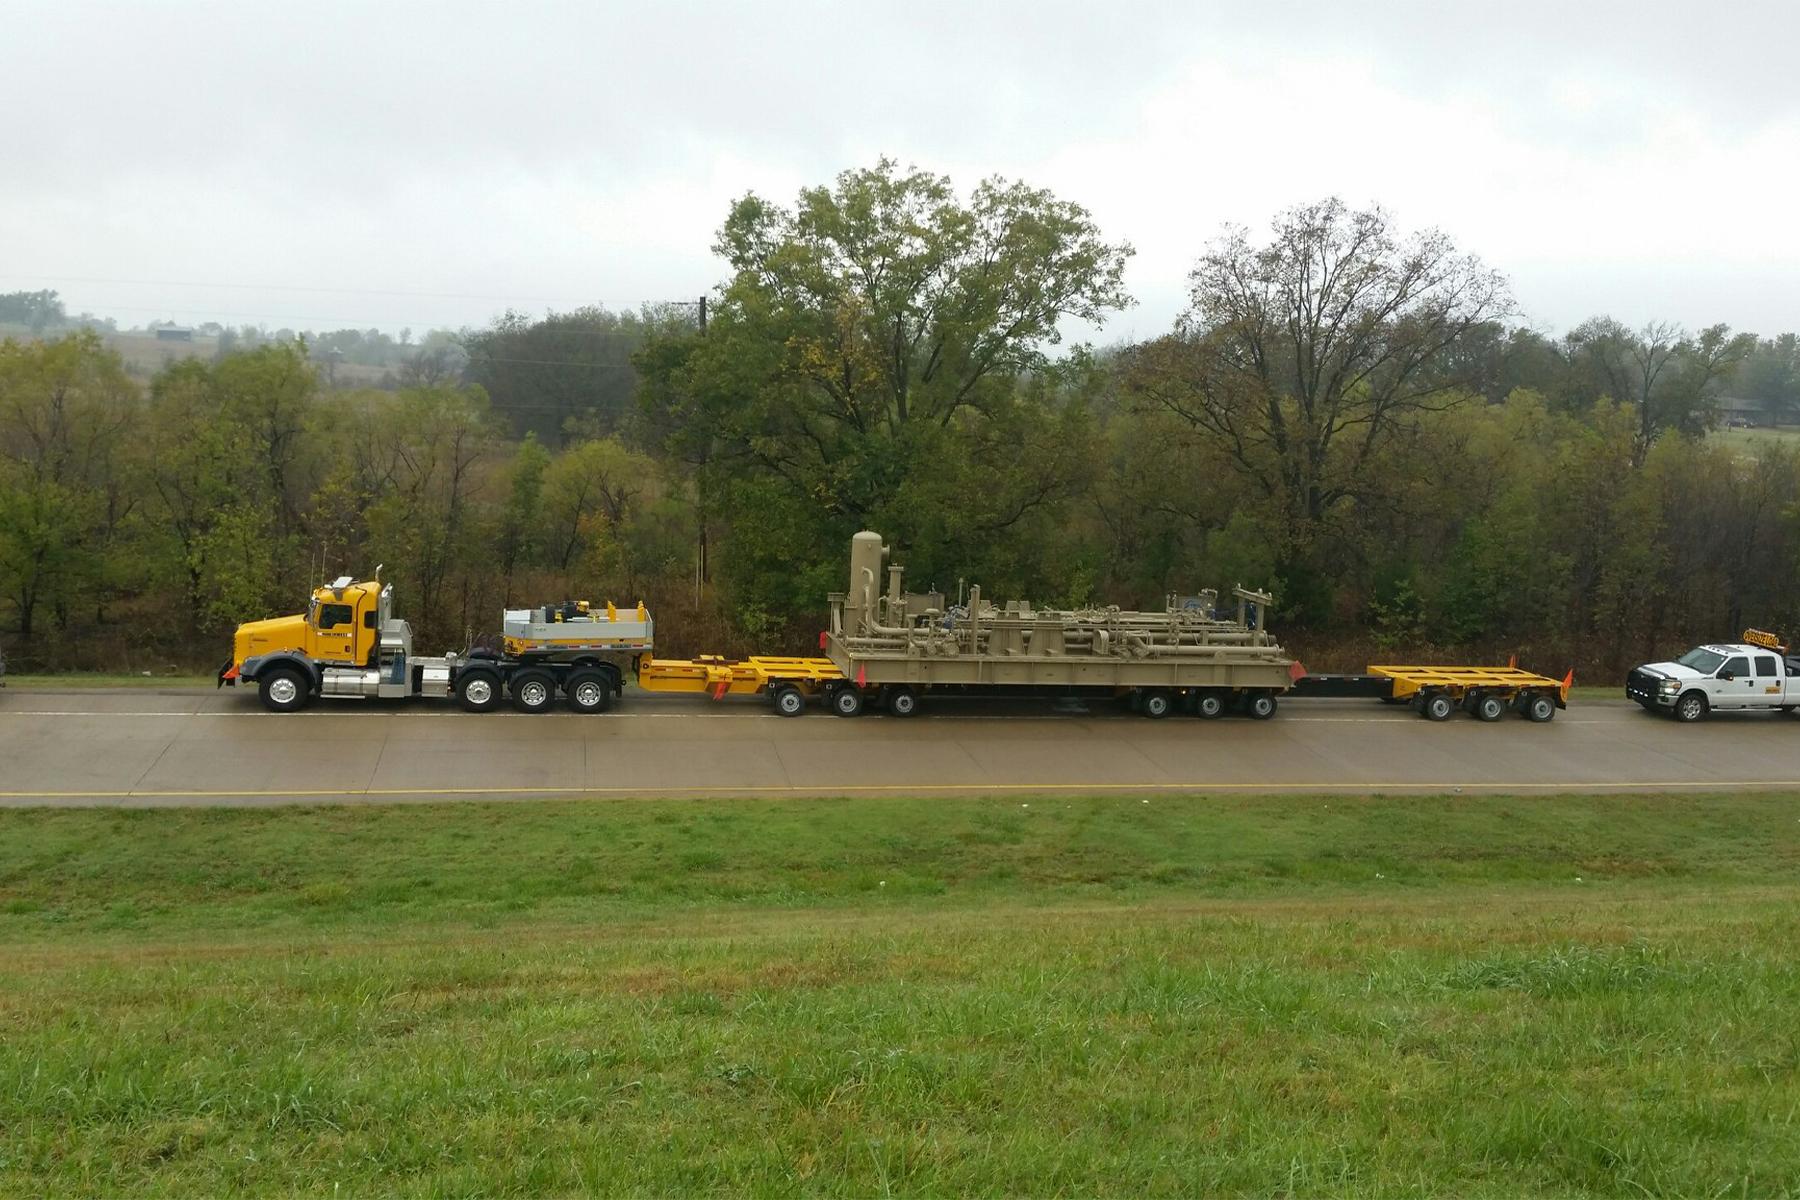 hauling equipment